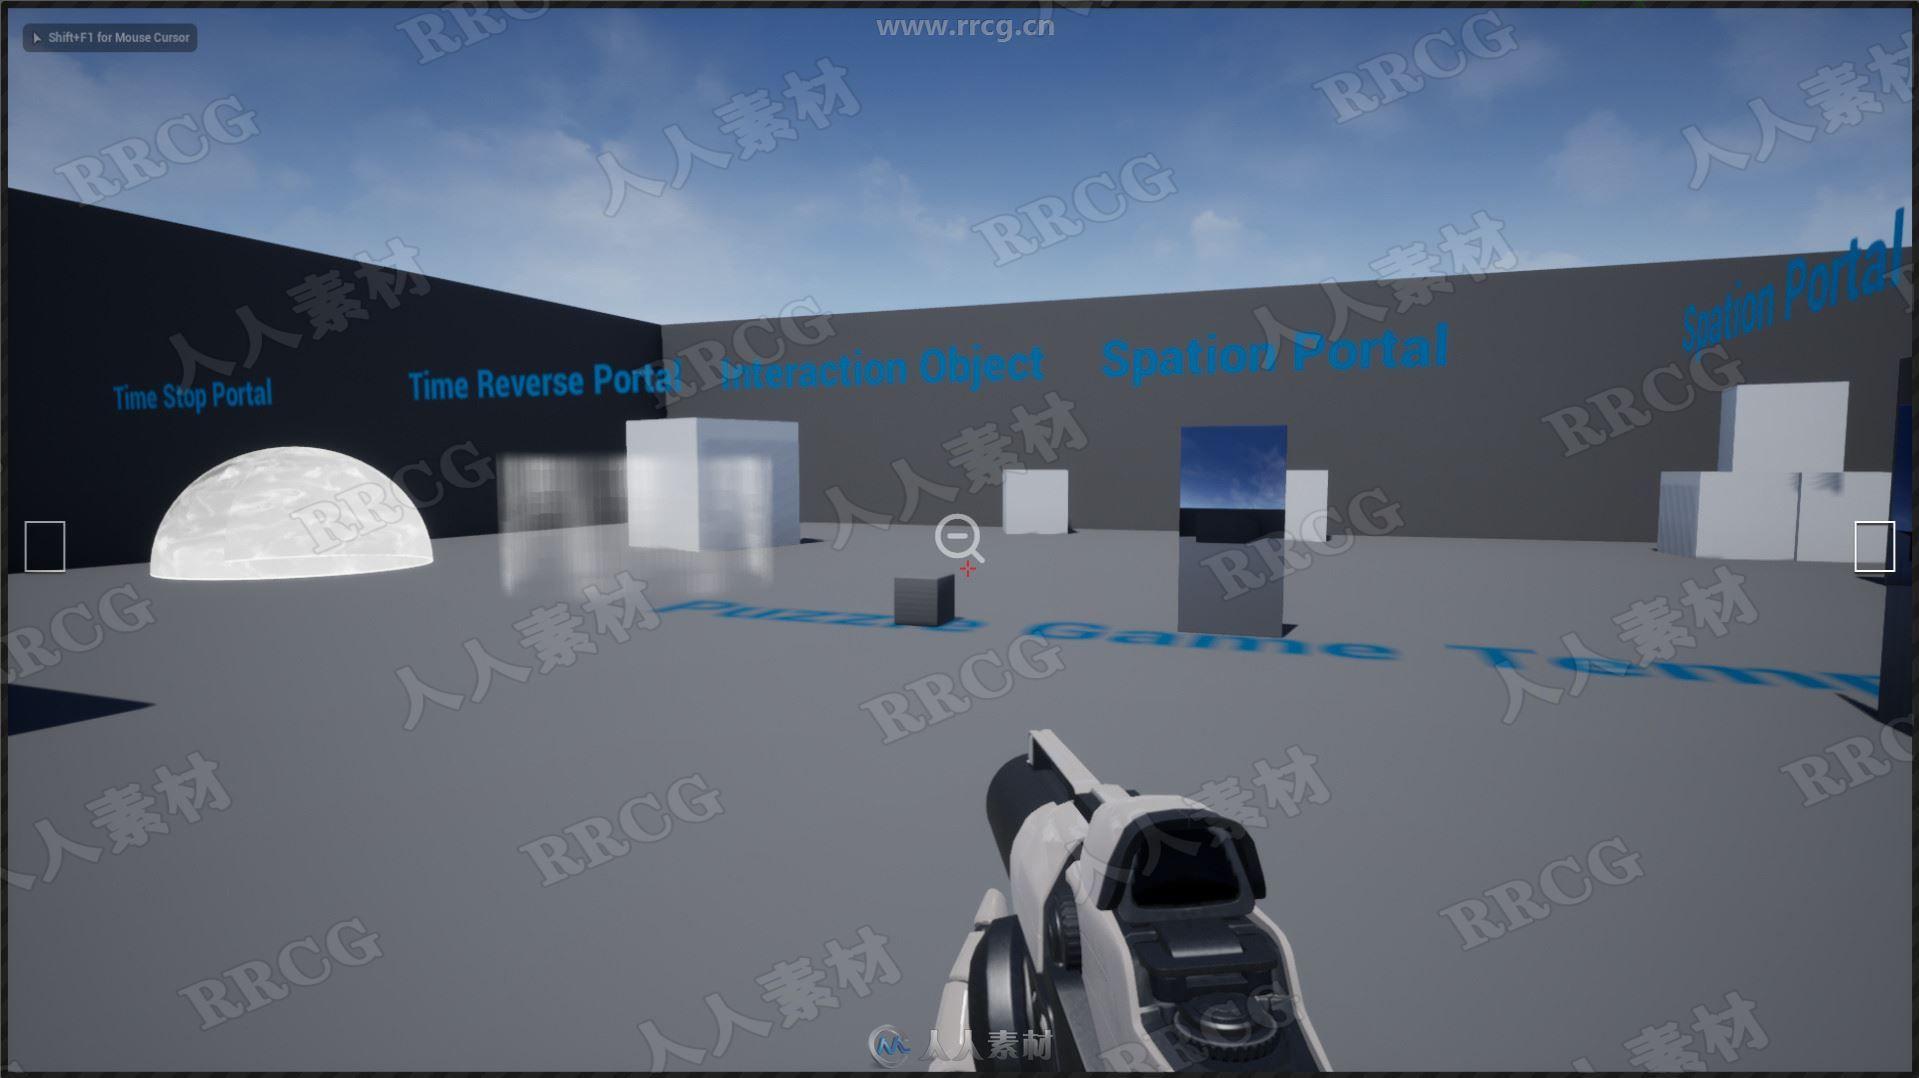 时间和空间交互连接益智类完整模板游戏UE4游戏素材资源